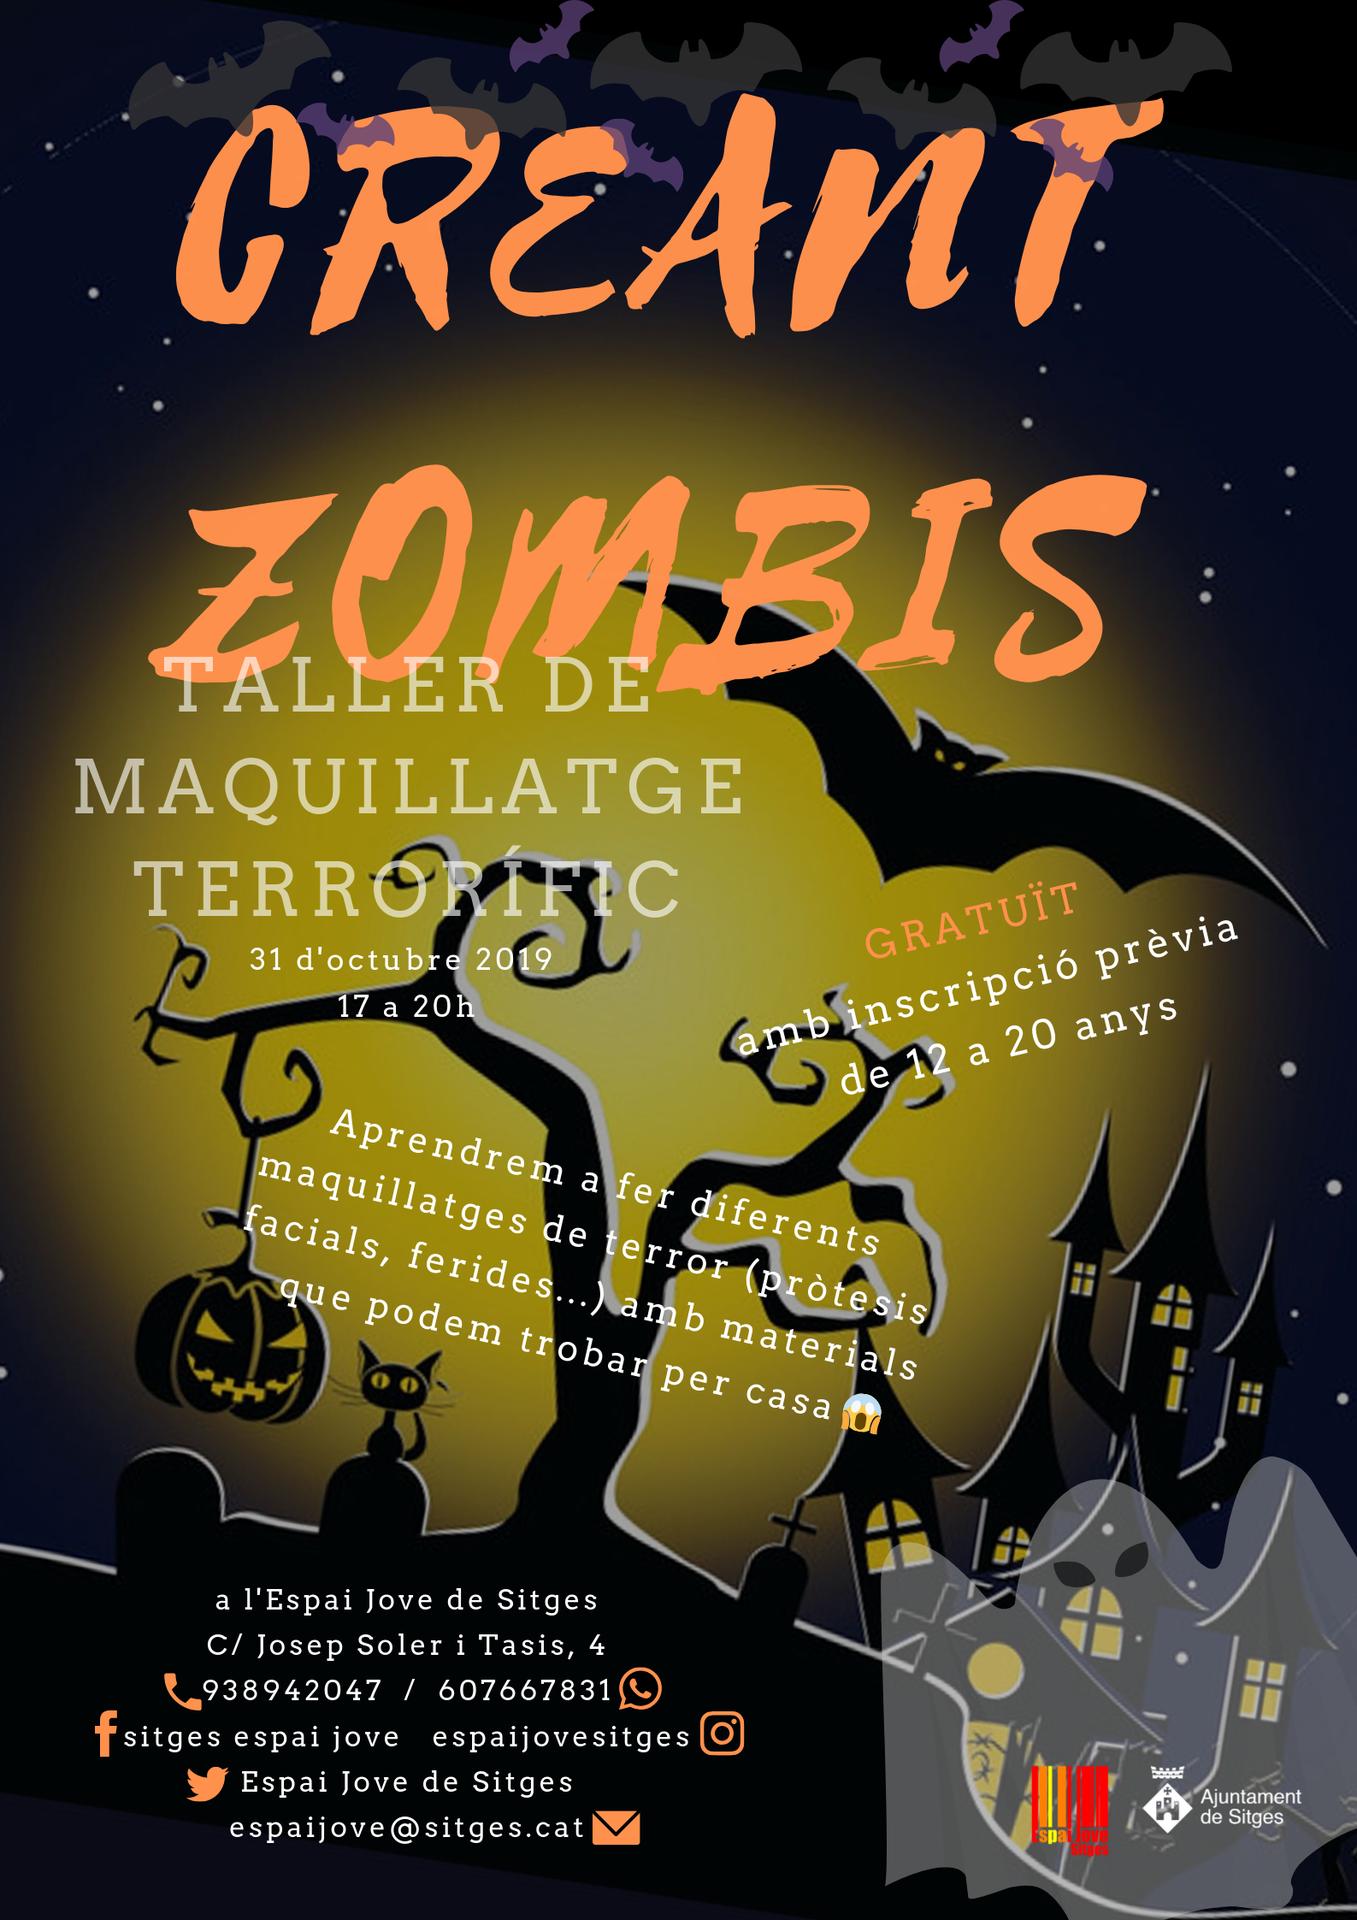 L'Espai Jove organitza el 31 d'octubre el taller de maquillatge terrorífic 'Creant Zombies' a l'Espai Jove